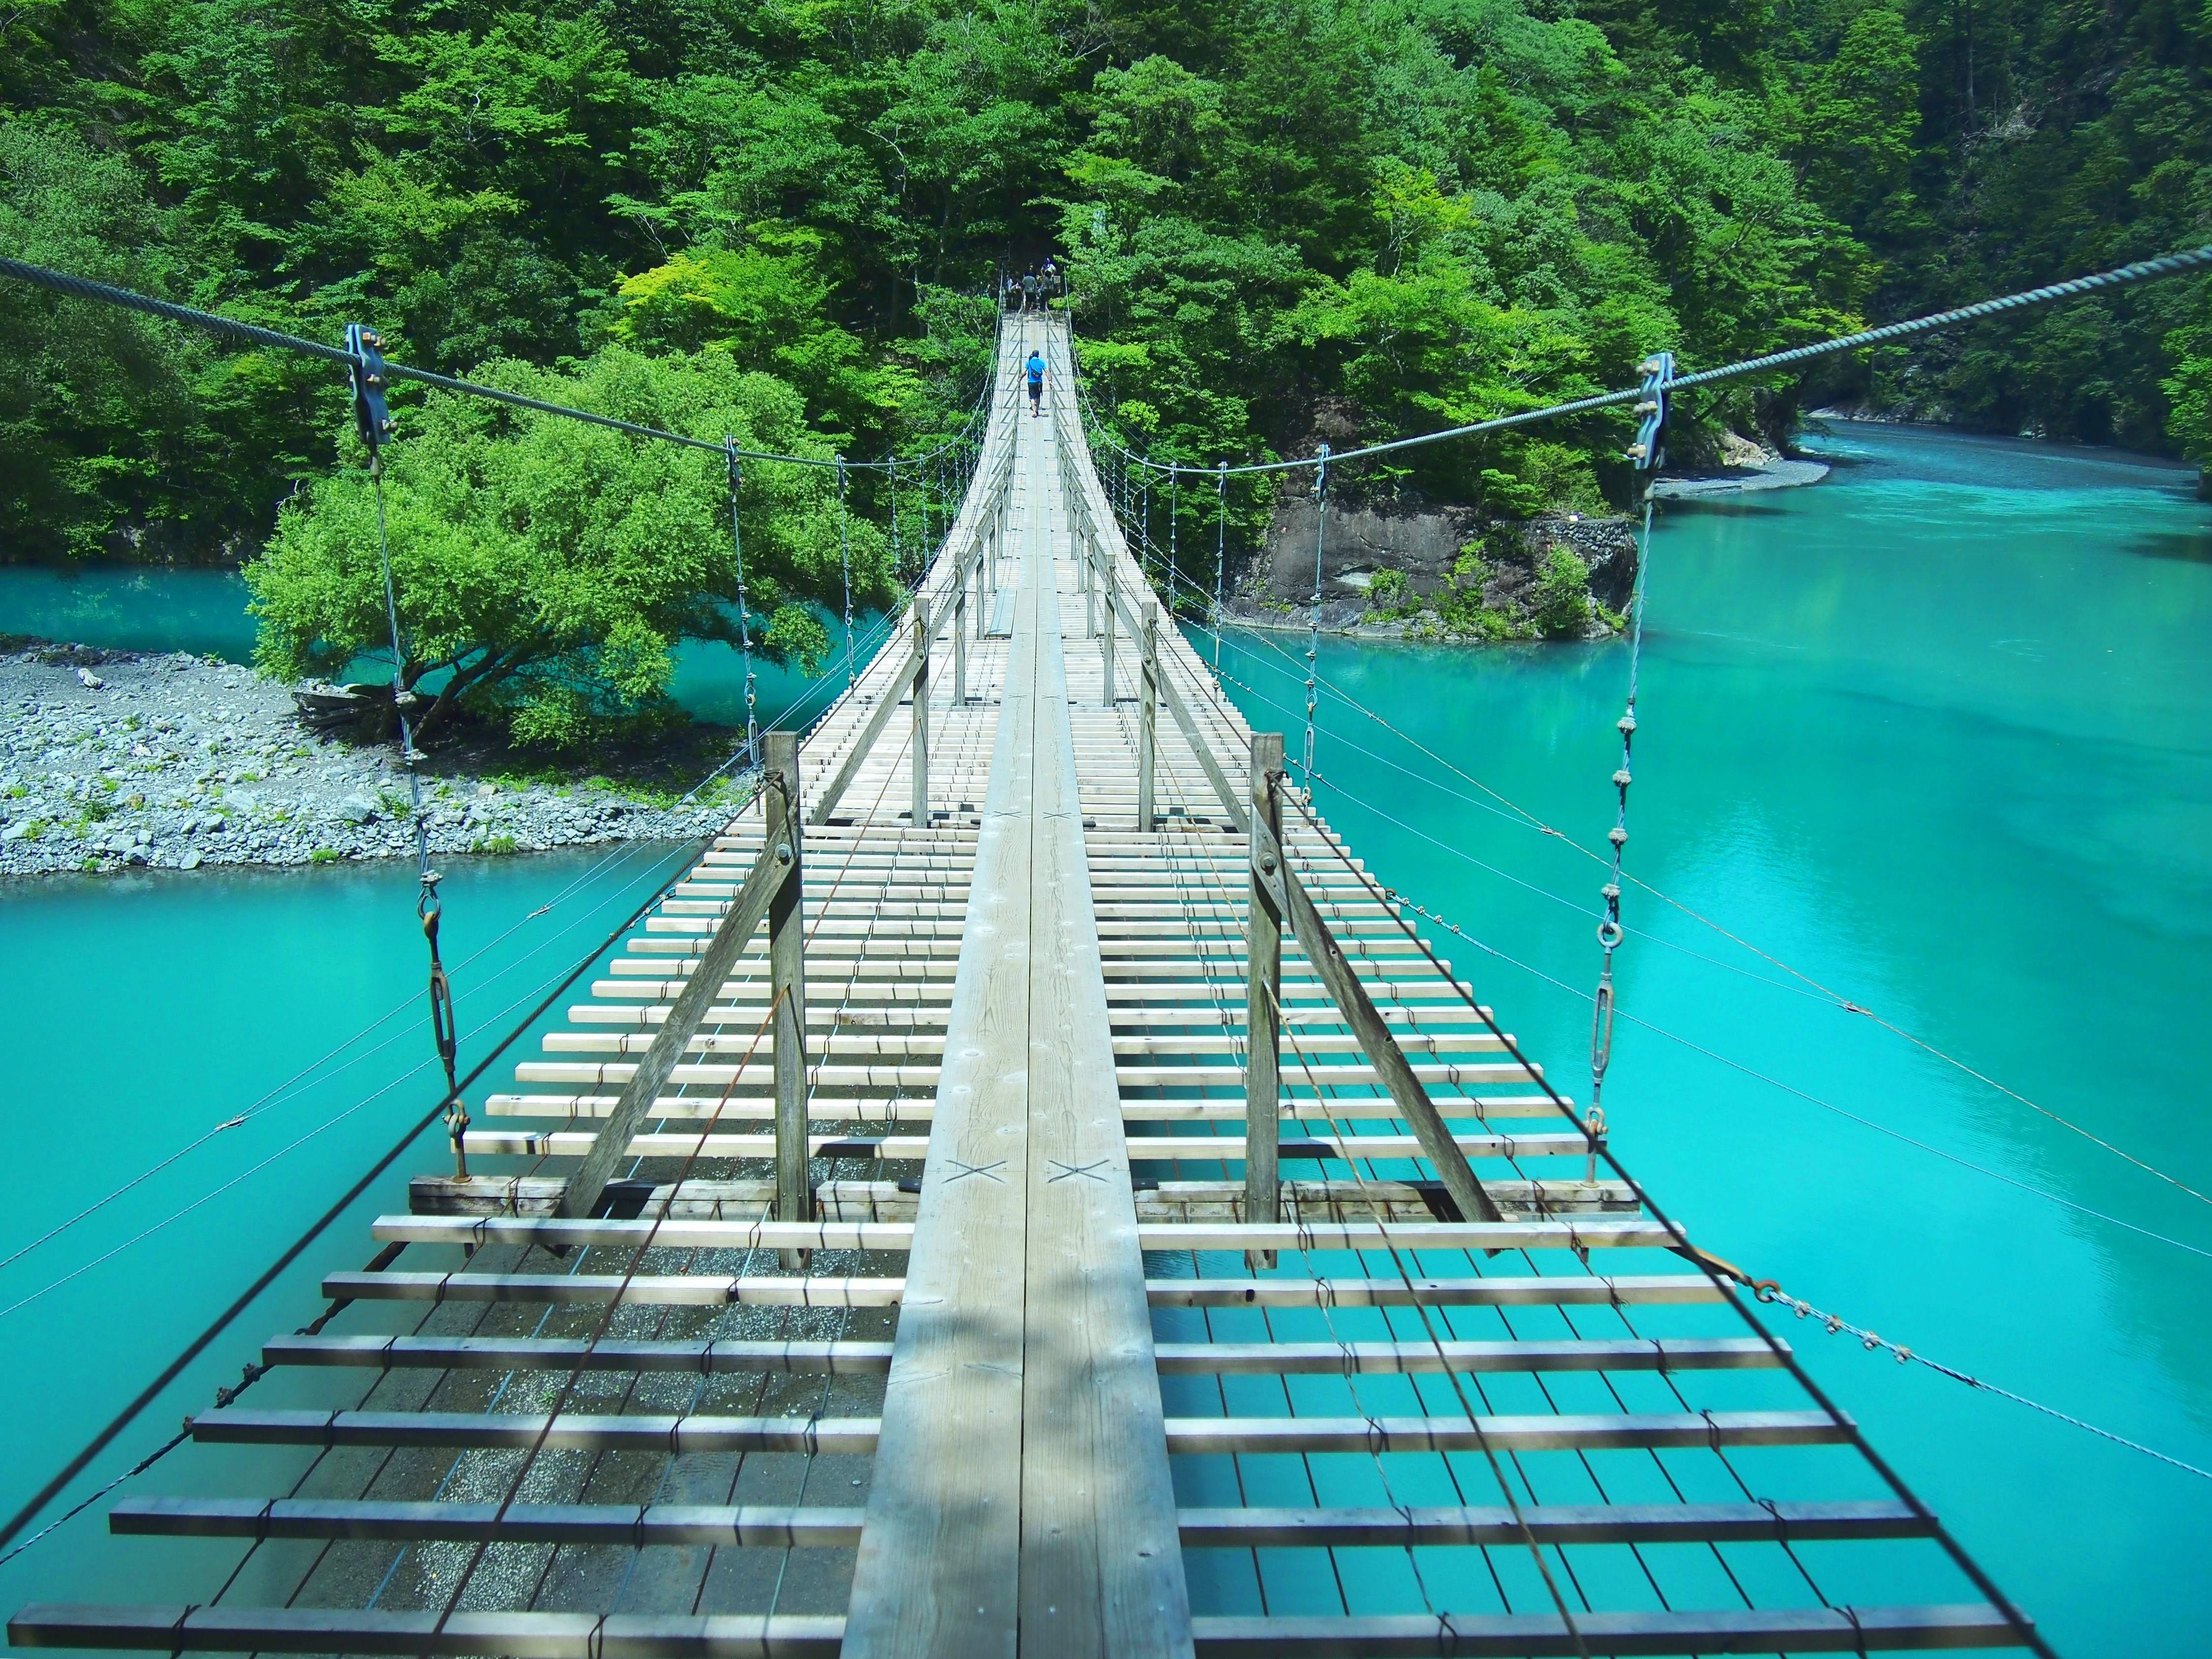 【夢の吊橋】世界のベスト10に選ばれた吊り橋